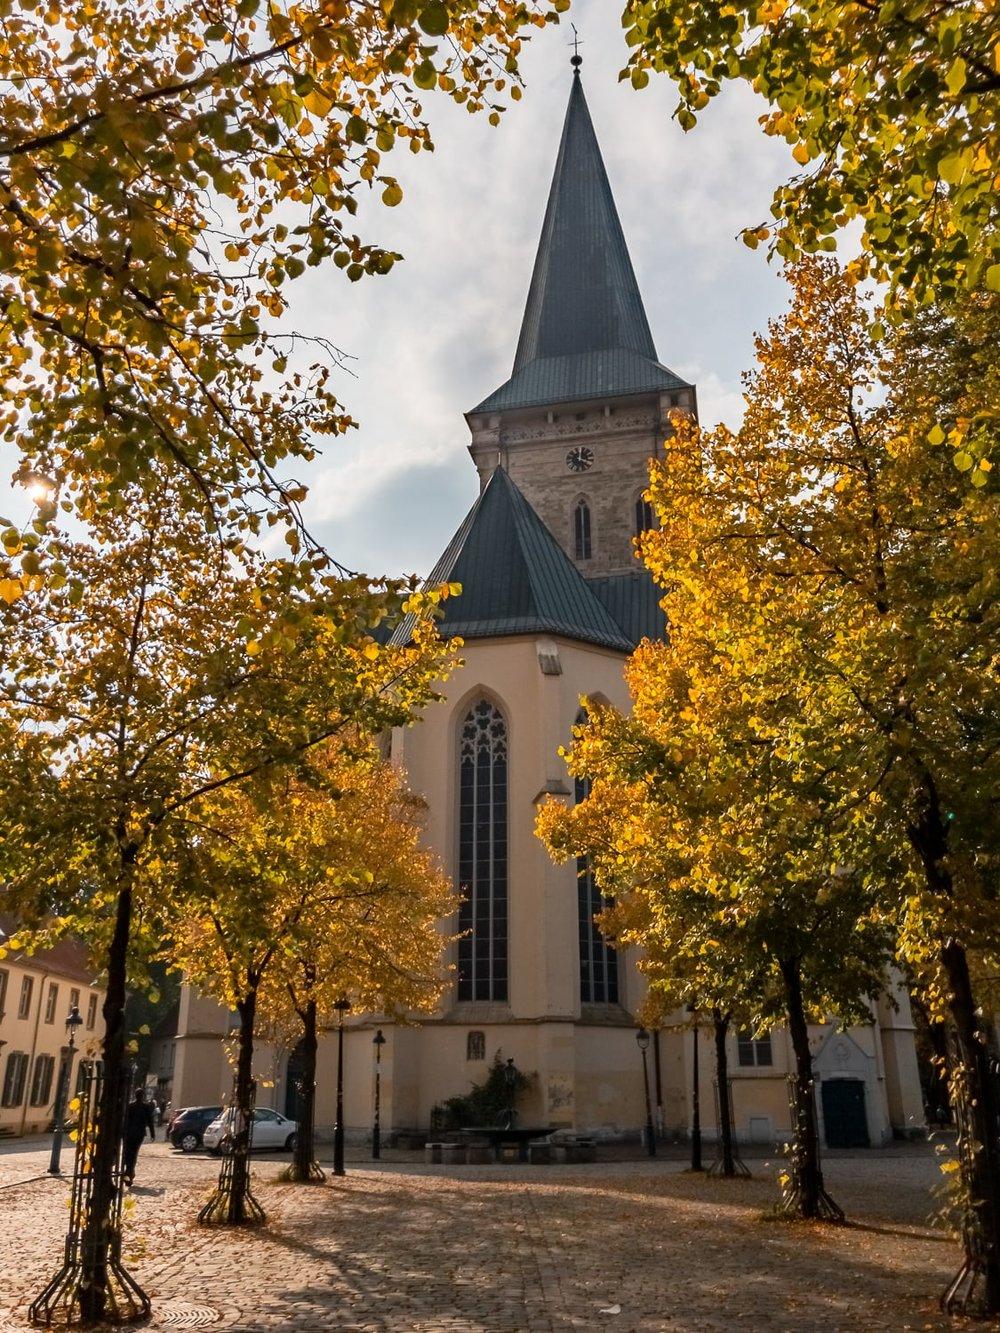 St. Katharinen Osnabrück